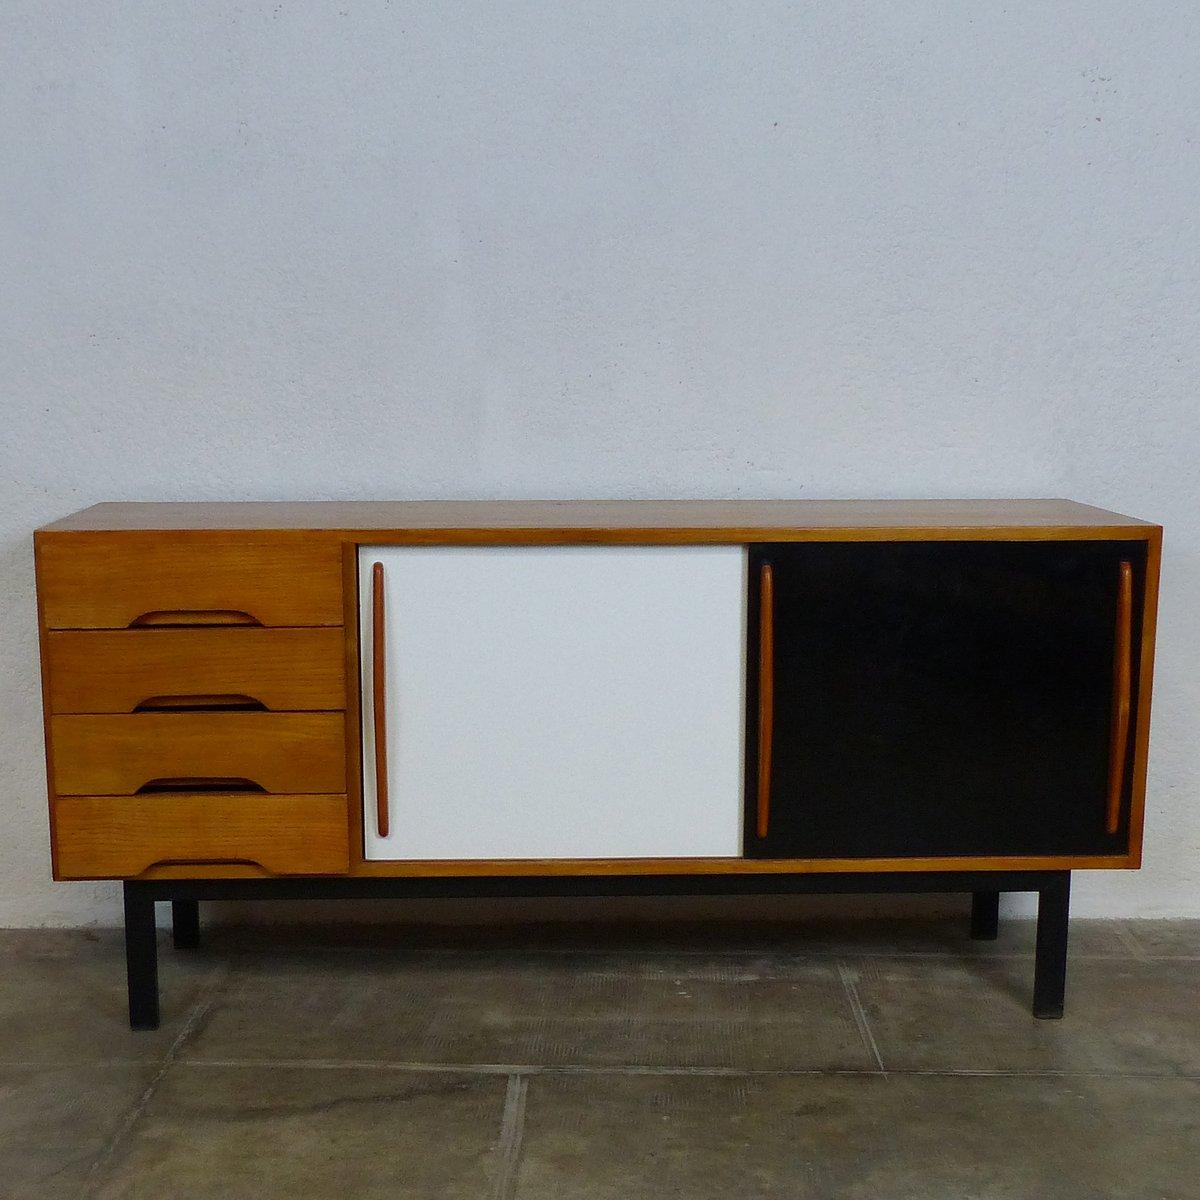 Esche Furniertes Sideboard von Charlotte Perriand, 1959